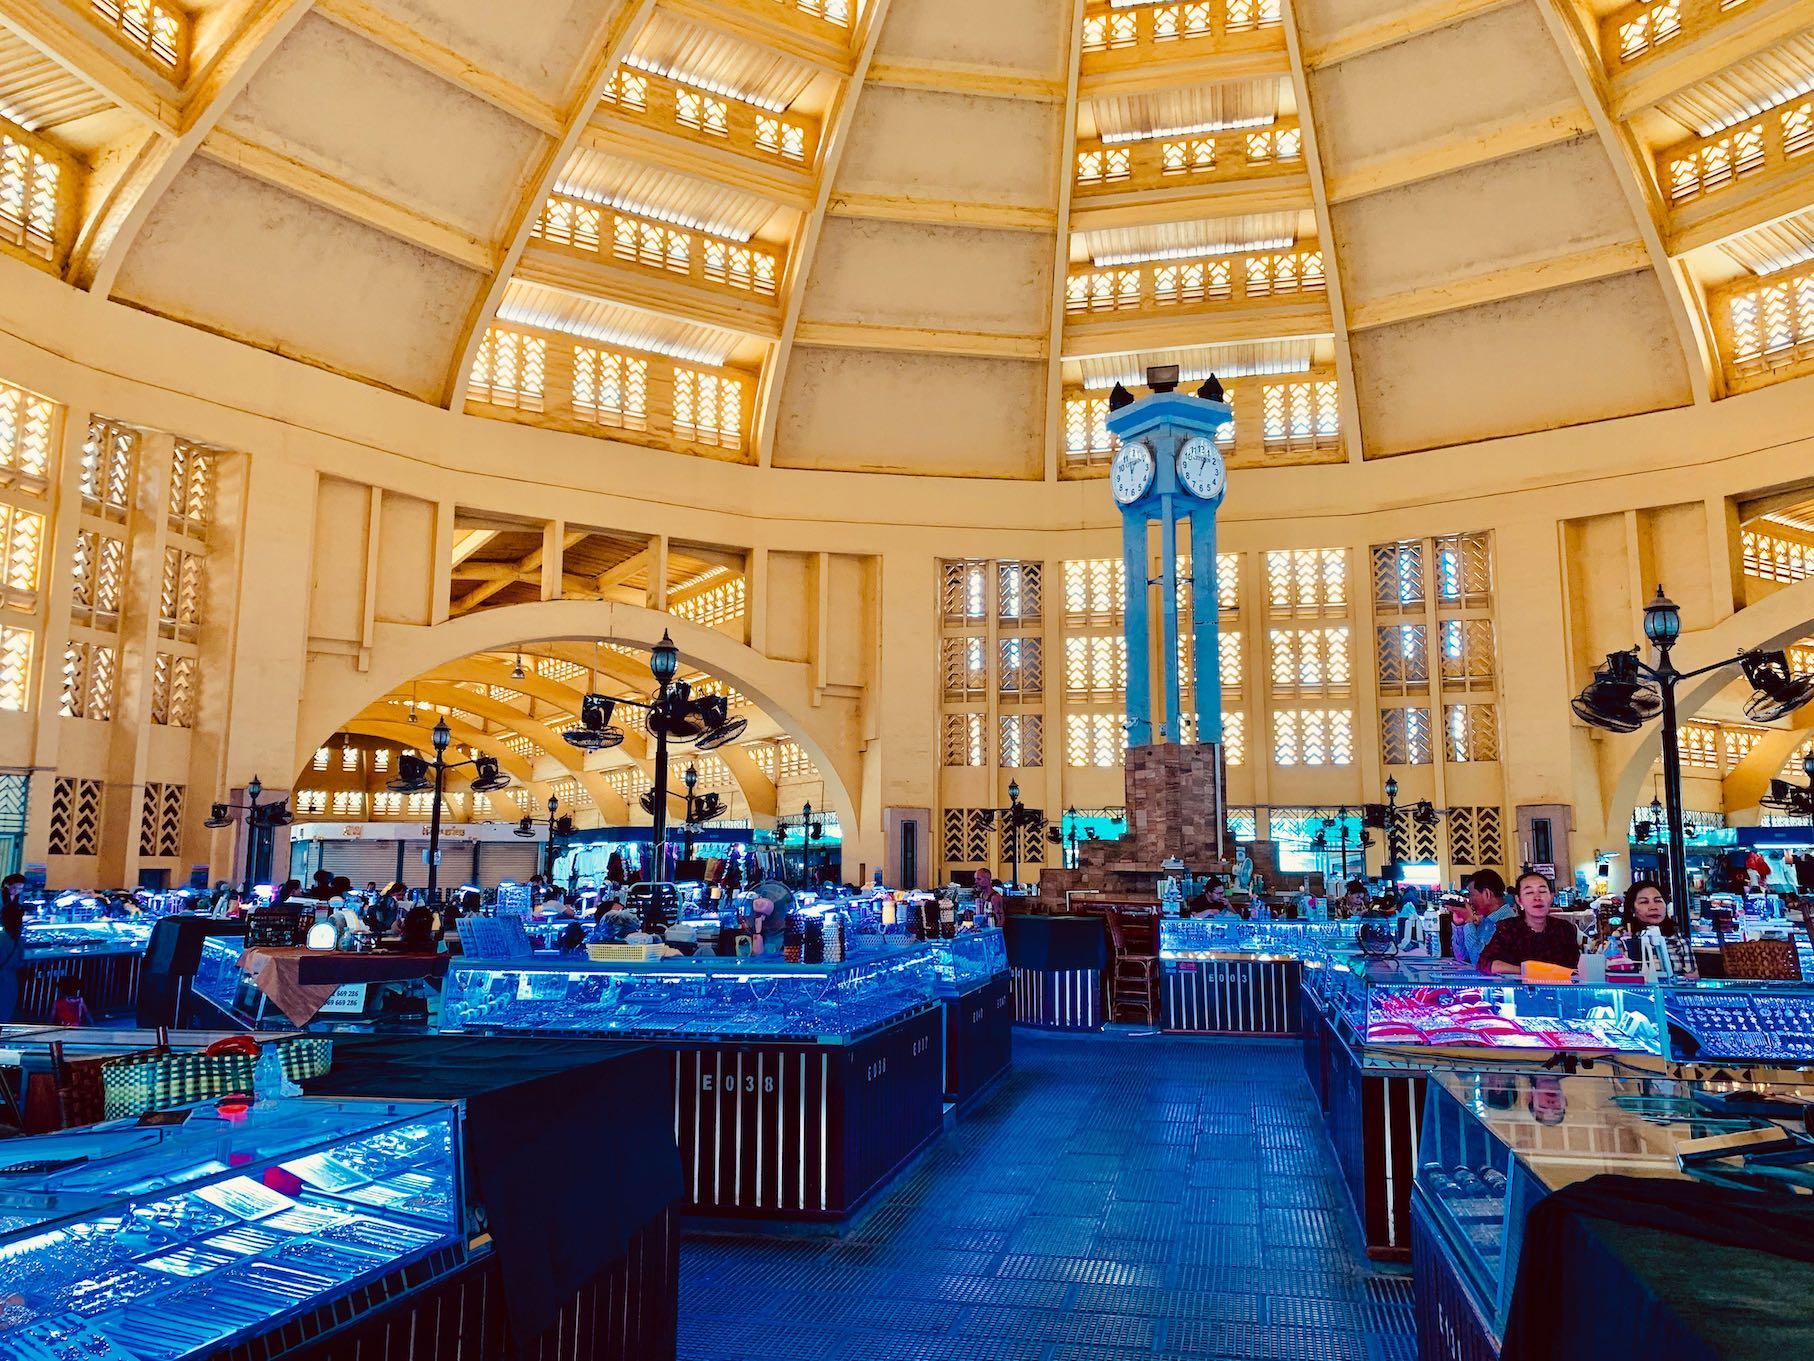 Inside Central Market in Phnom Penh